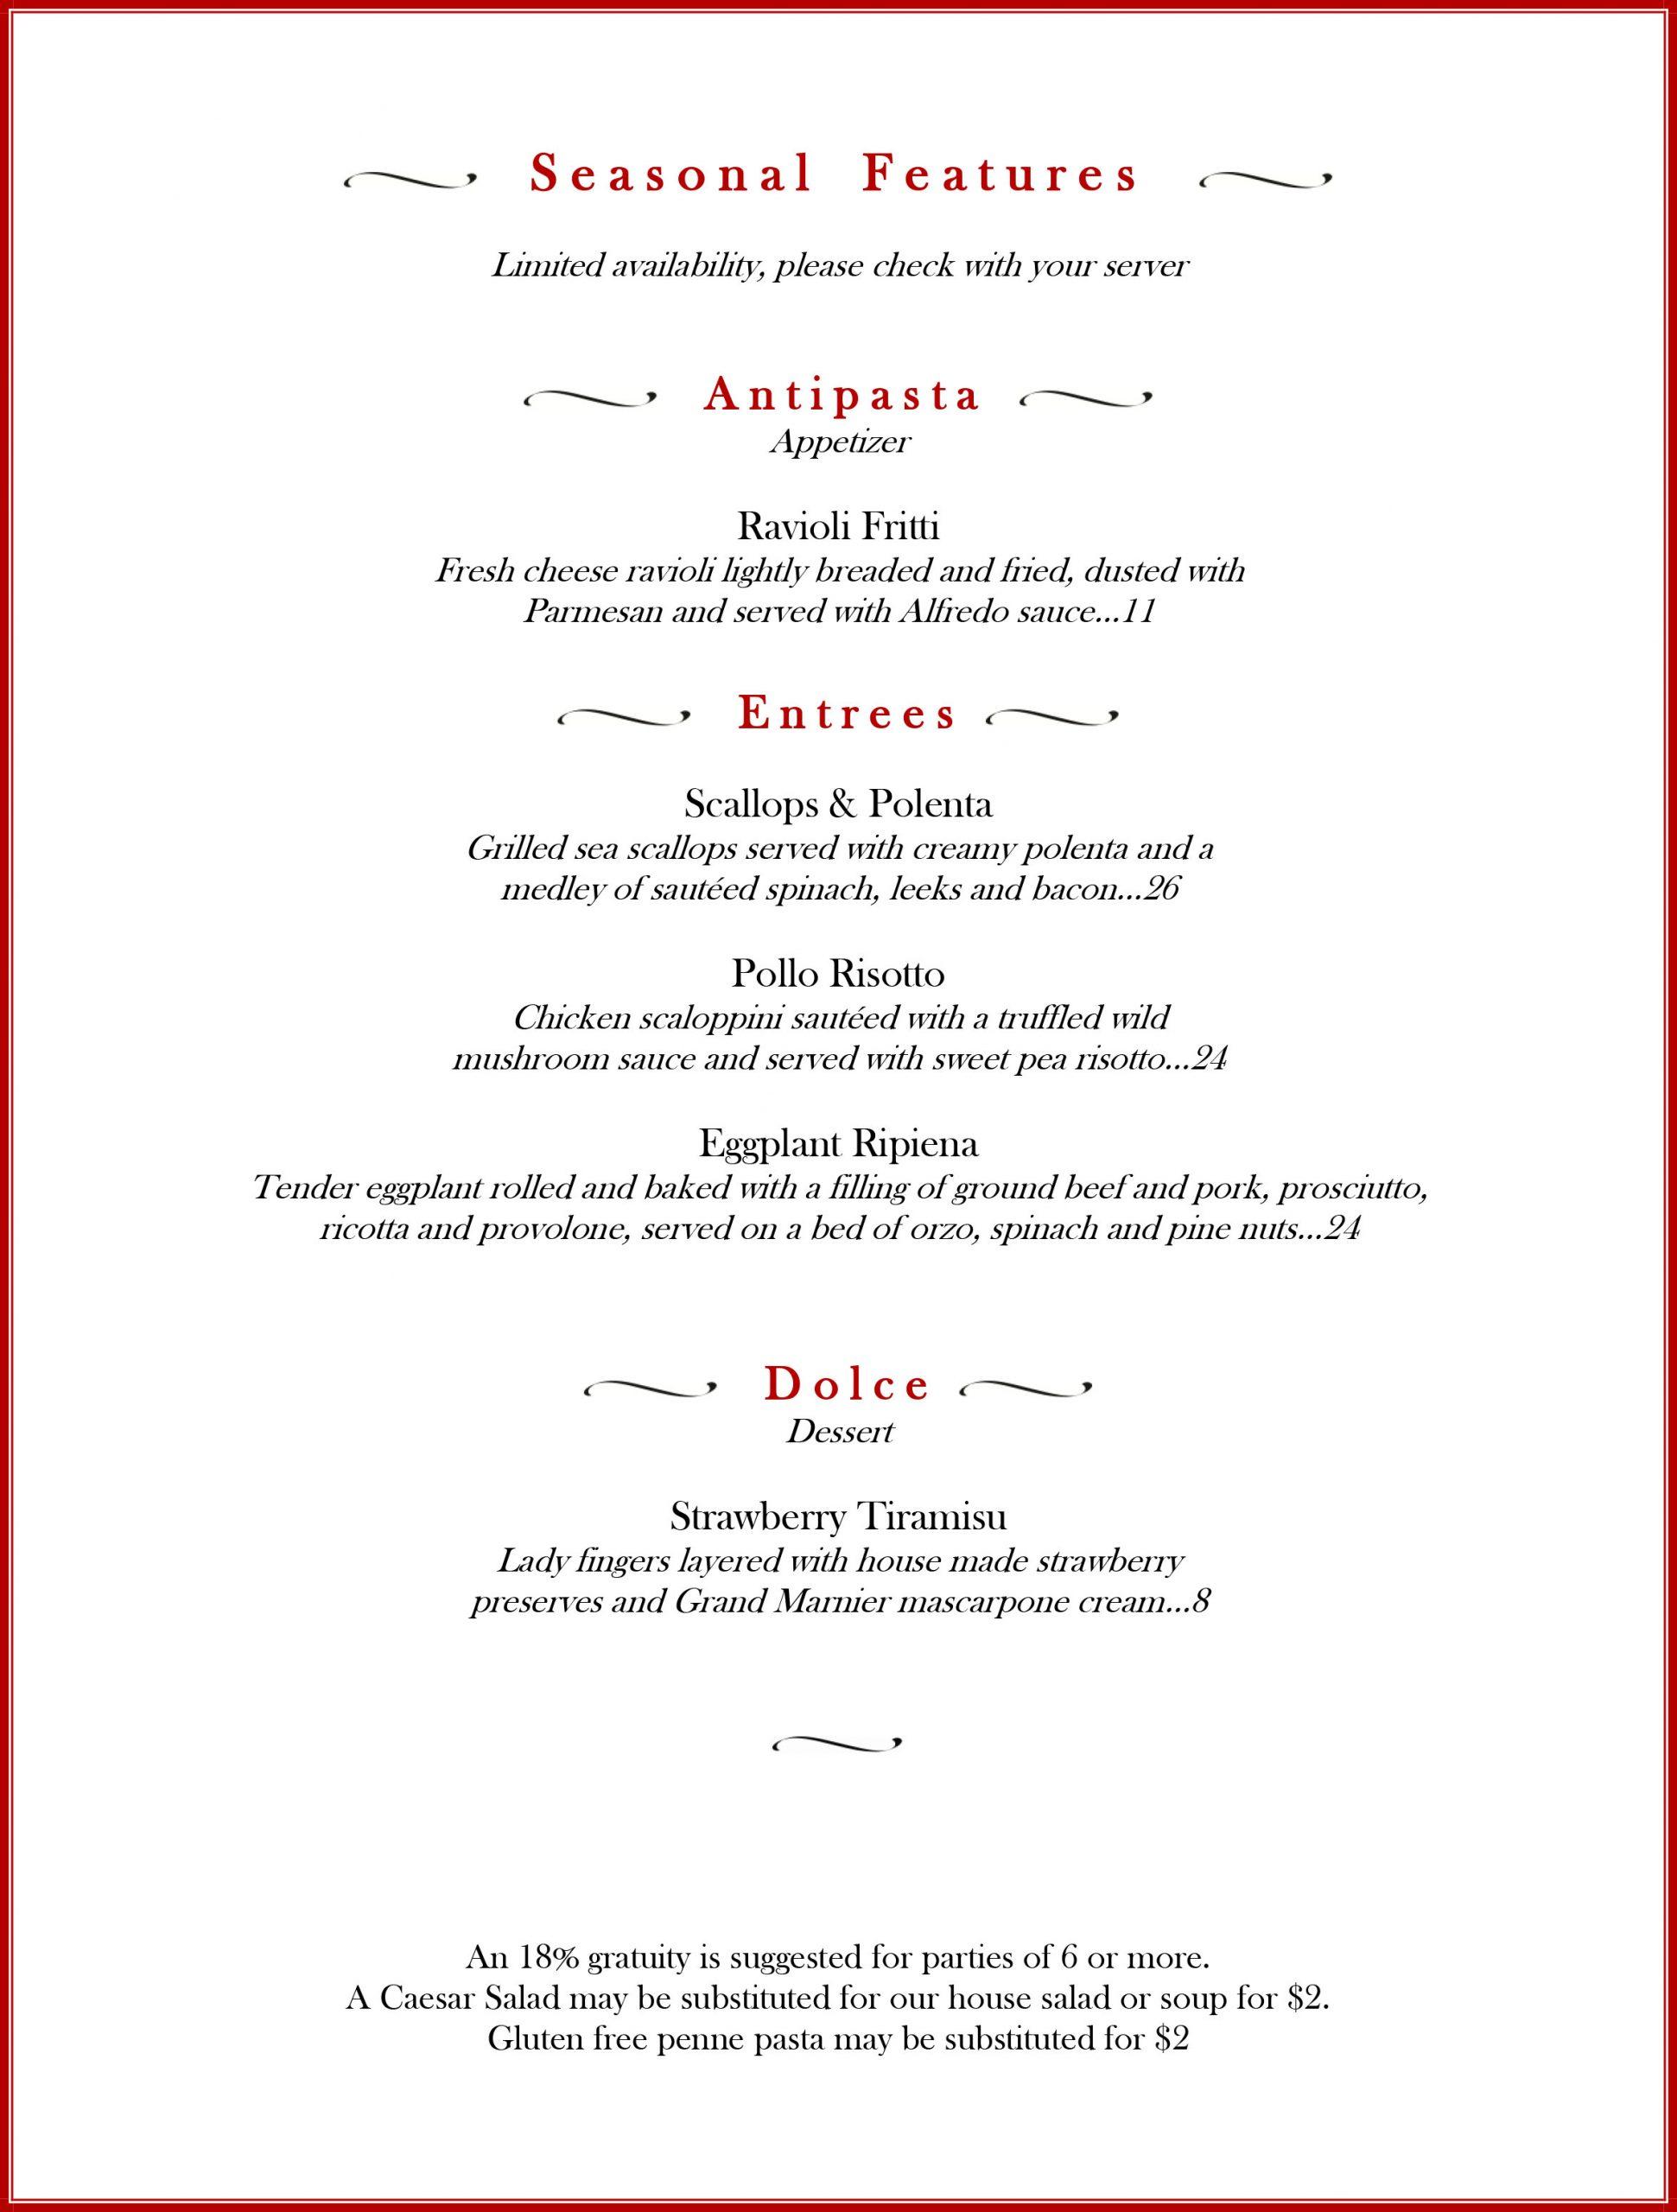 April 2021 Seasonal Feature menu, including ravioli fritti, scallops and polenta, pollo risotto, eggplant ripiena, and strawberry tiramisu, Positano's Palm Harbor